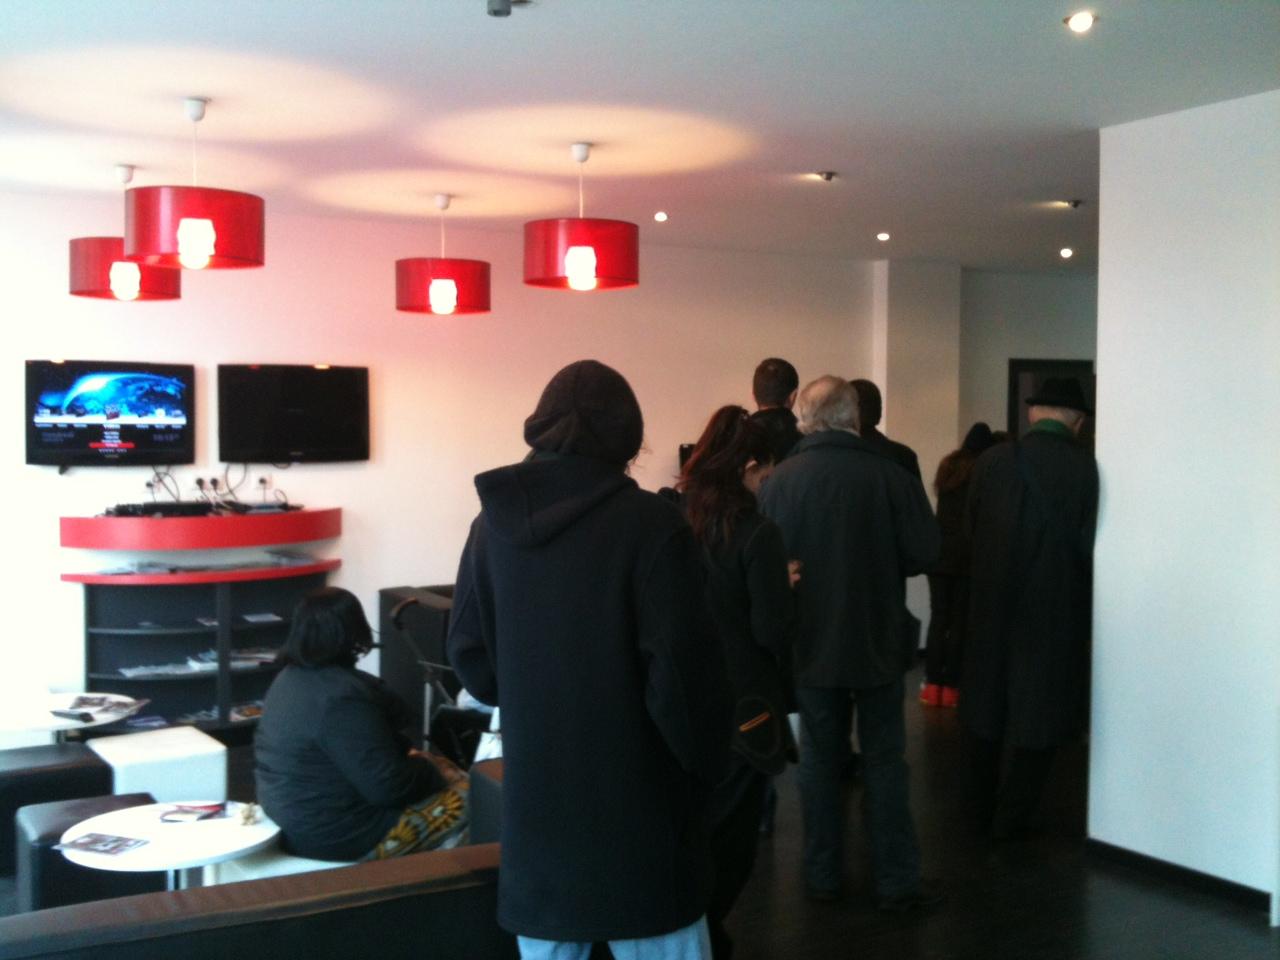 free mobile par mesure de s curit l acc s au free center est restreint 30 personnes. Black Bedroom Furniture Sets. Home Design Ideas